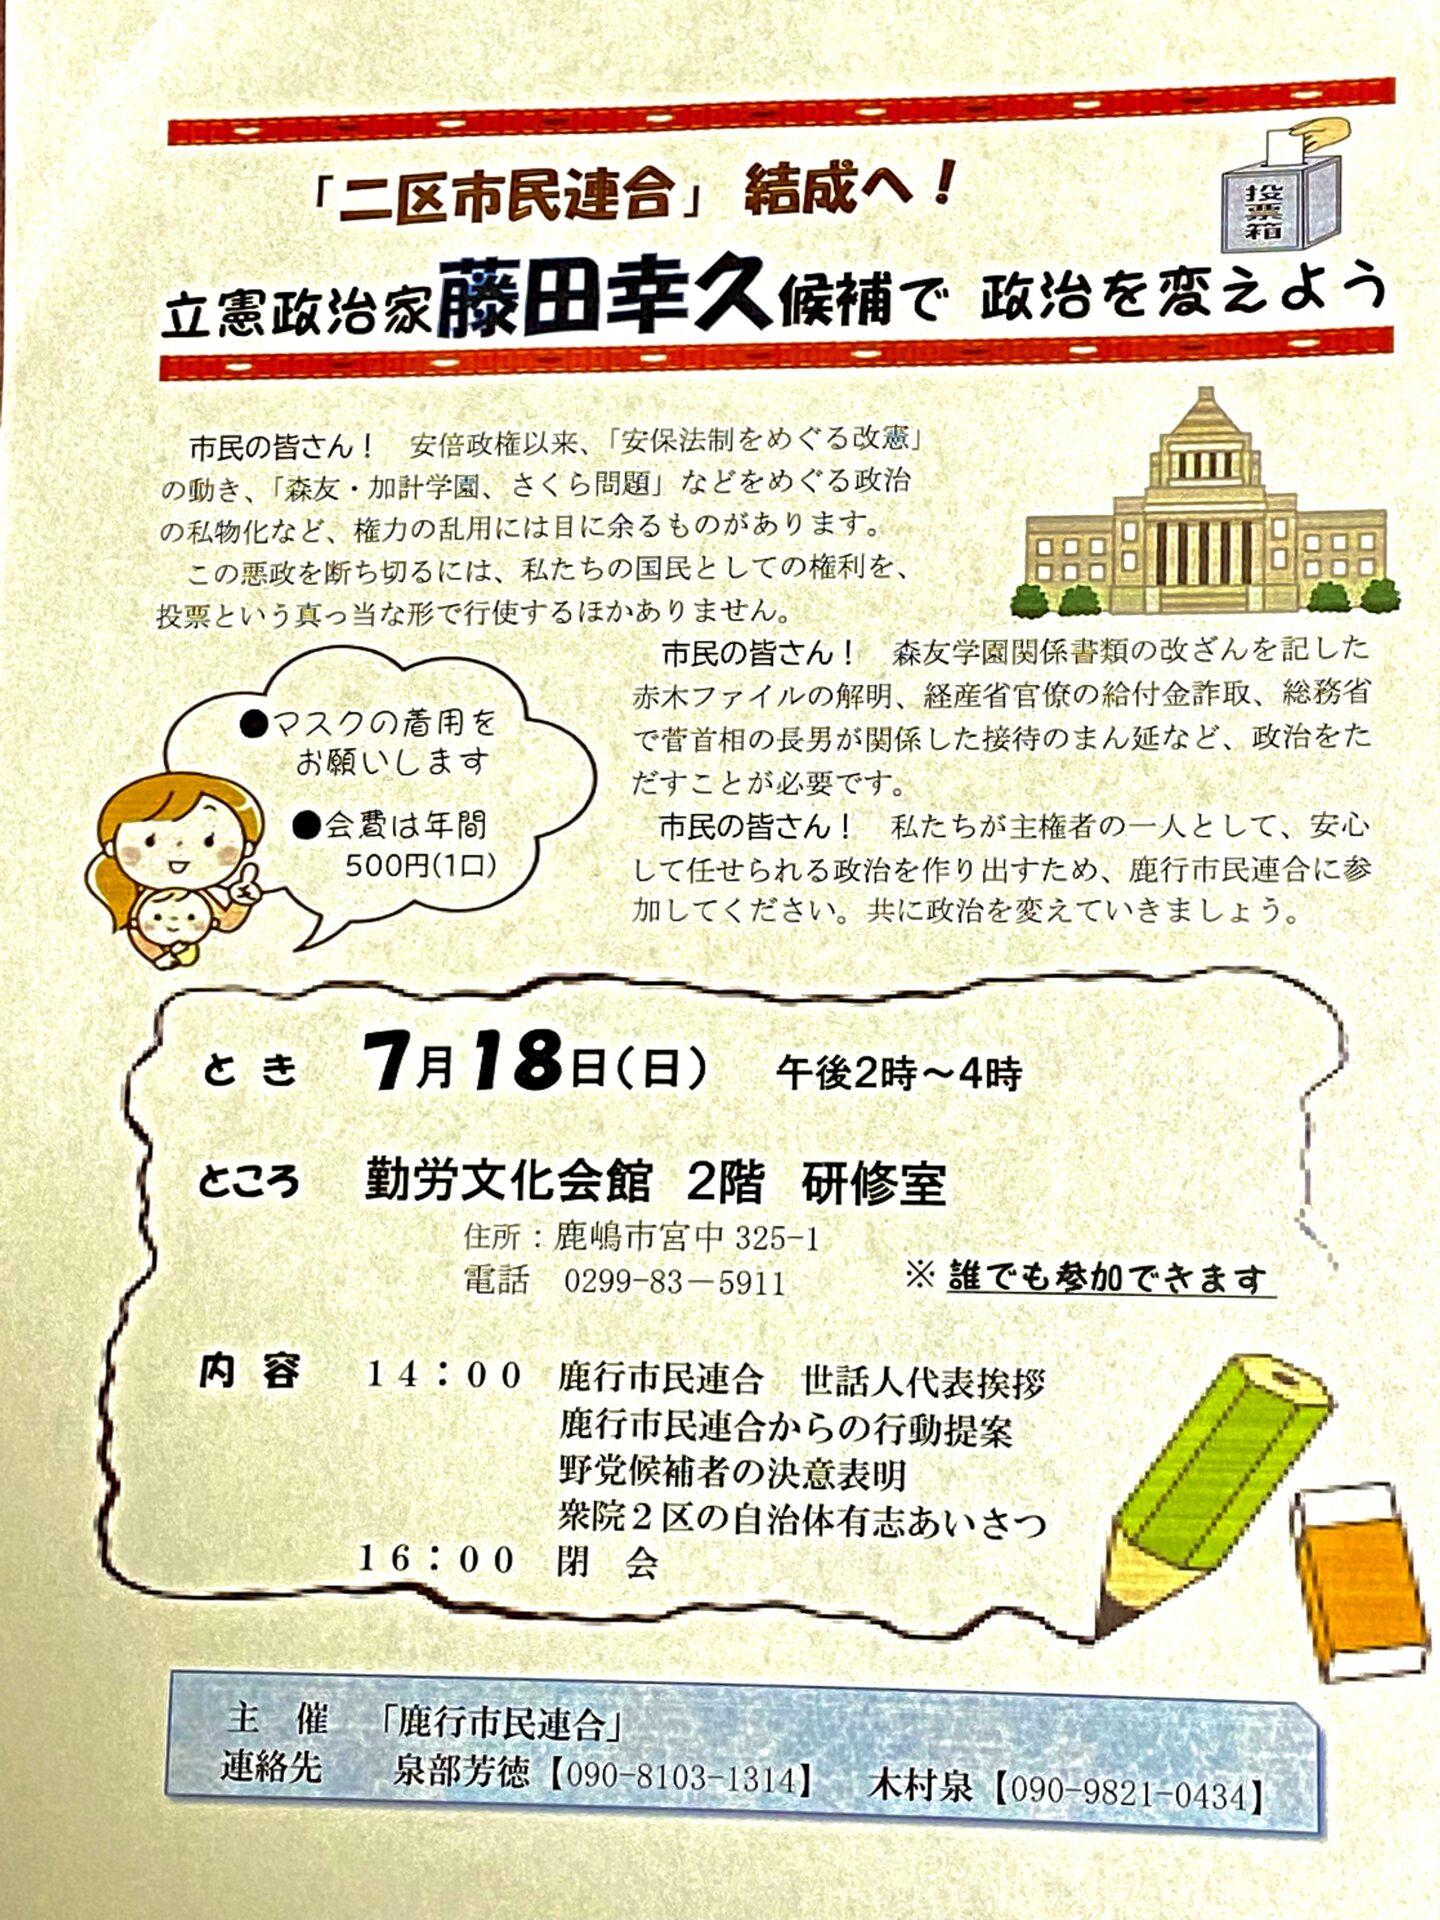 18日に茨城二区市民連合で決意表明